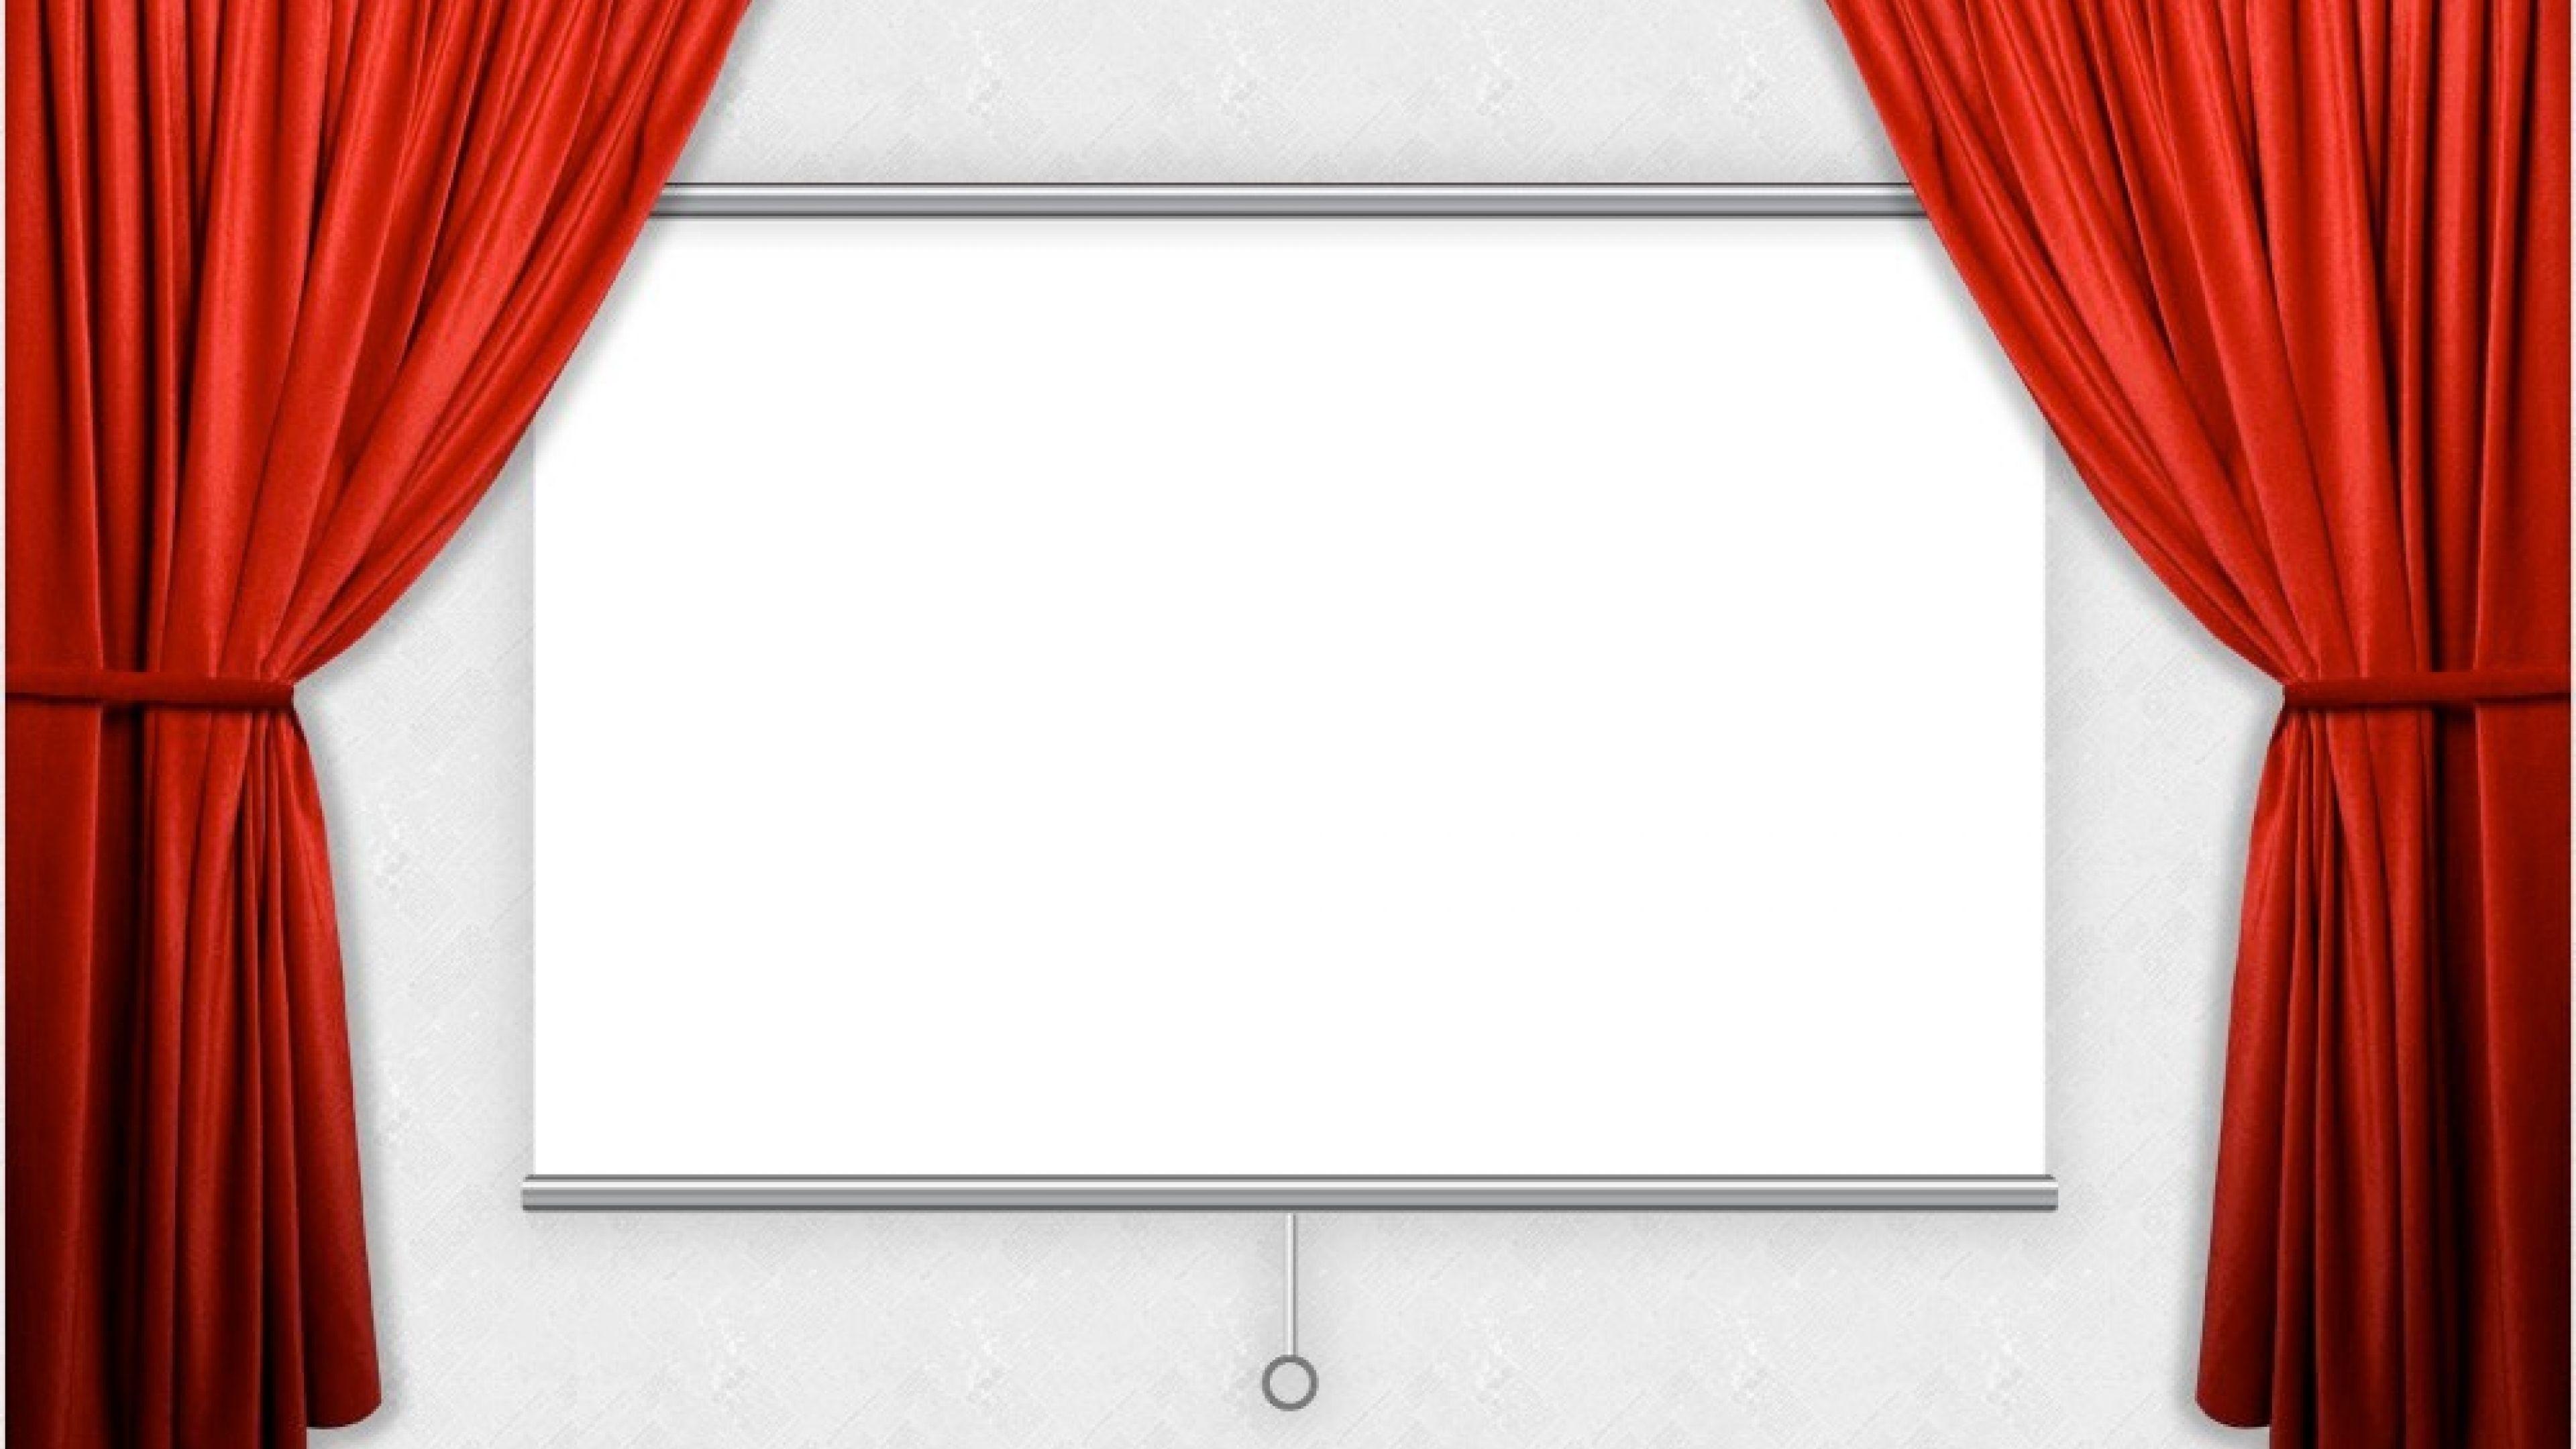 خلفيات بوربوينت بجودة عالية – powerpoint wallpaper HD – Tecnologis | خلفيات in 2019 | Background ...